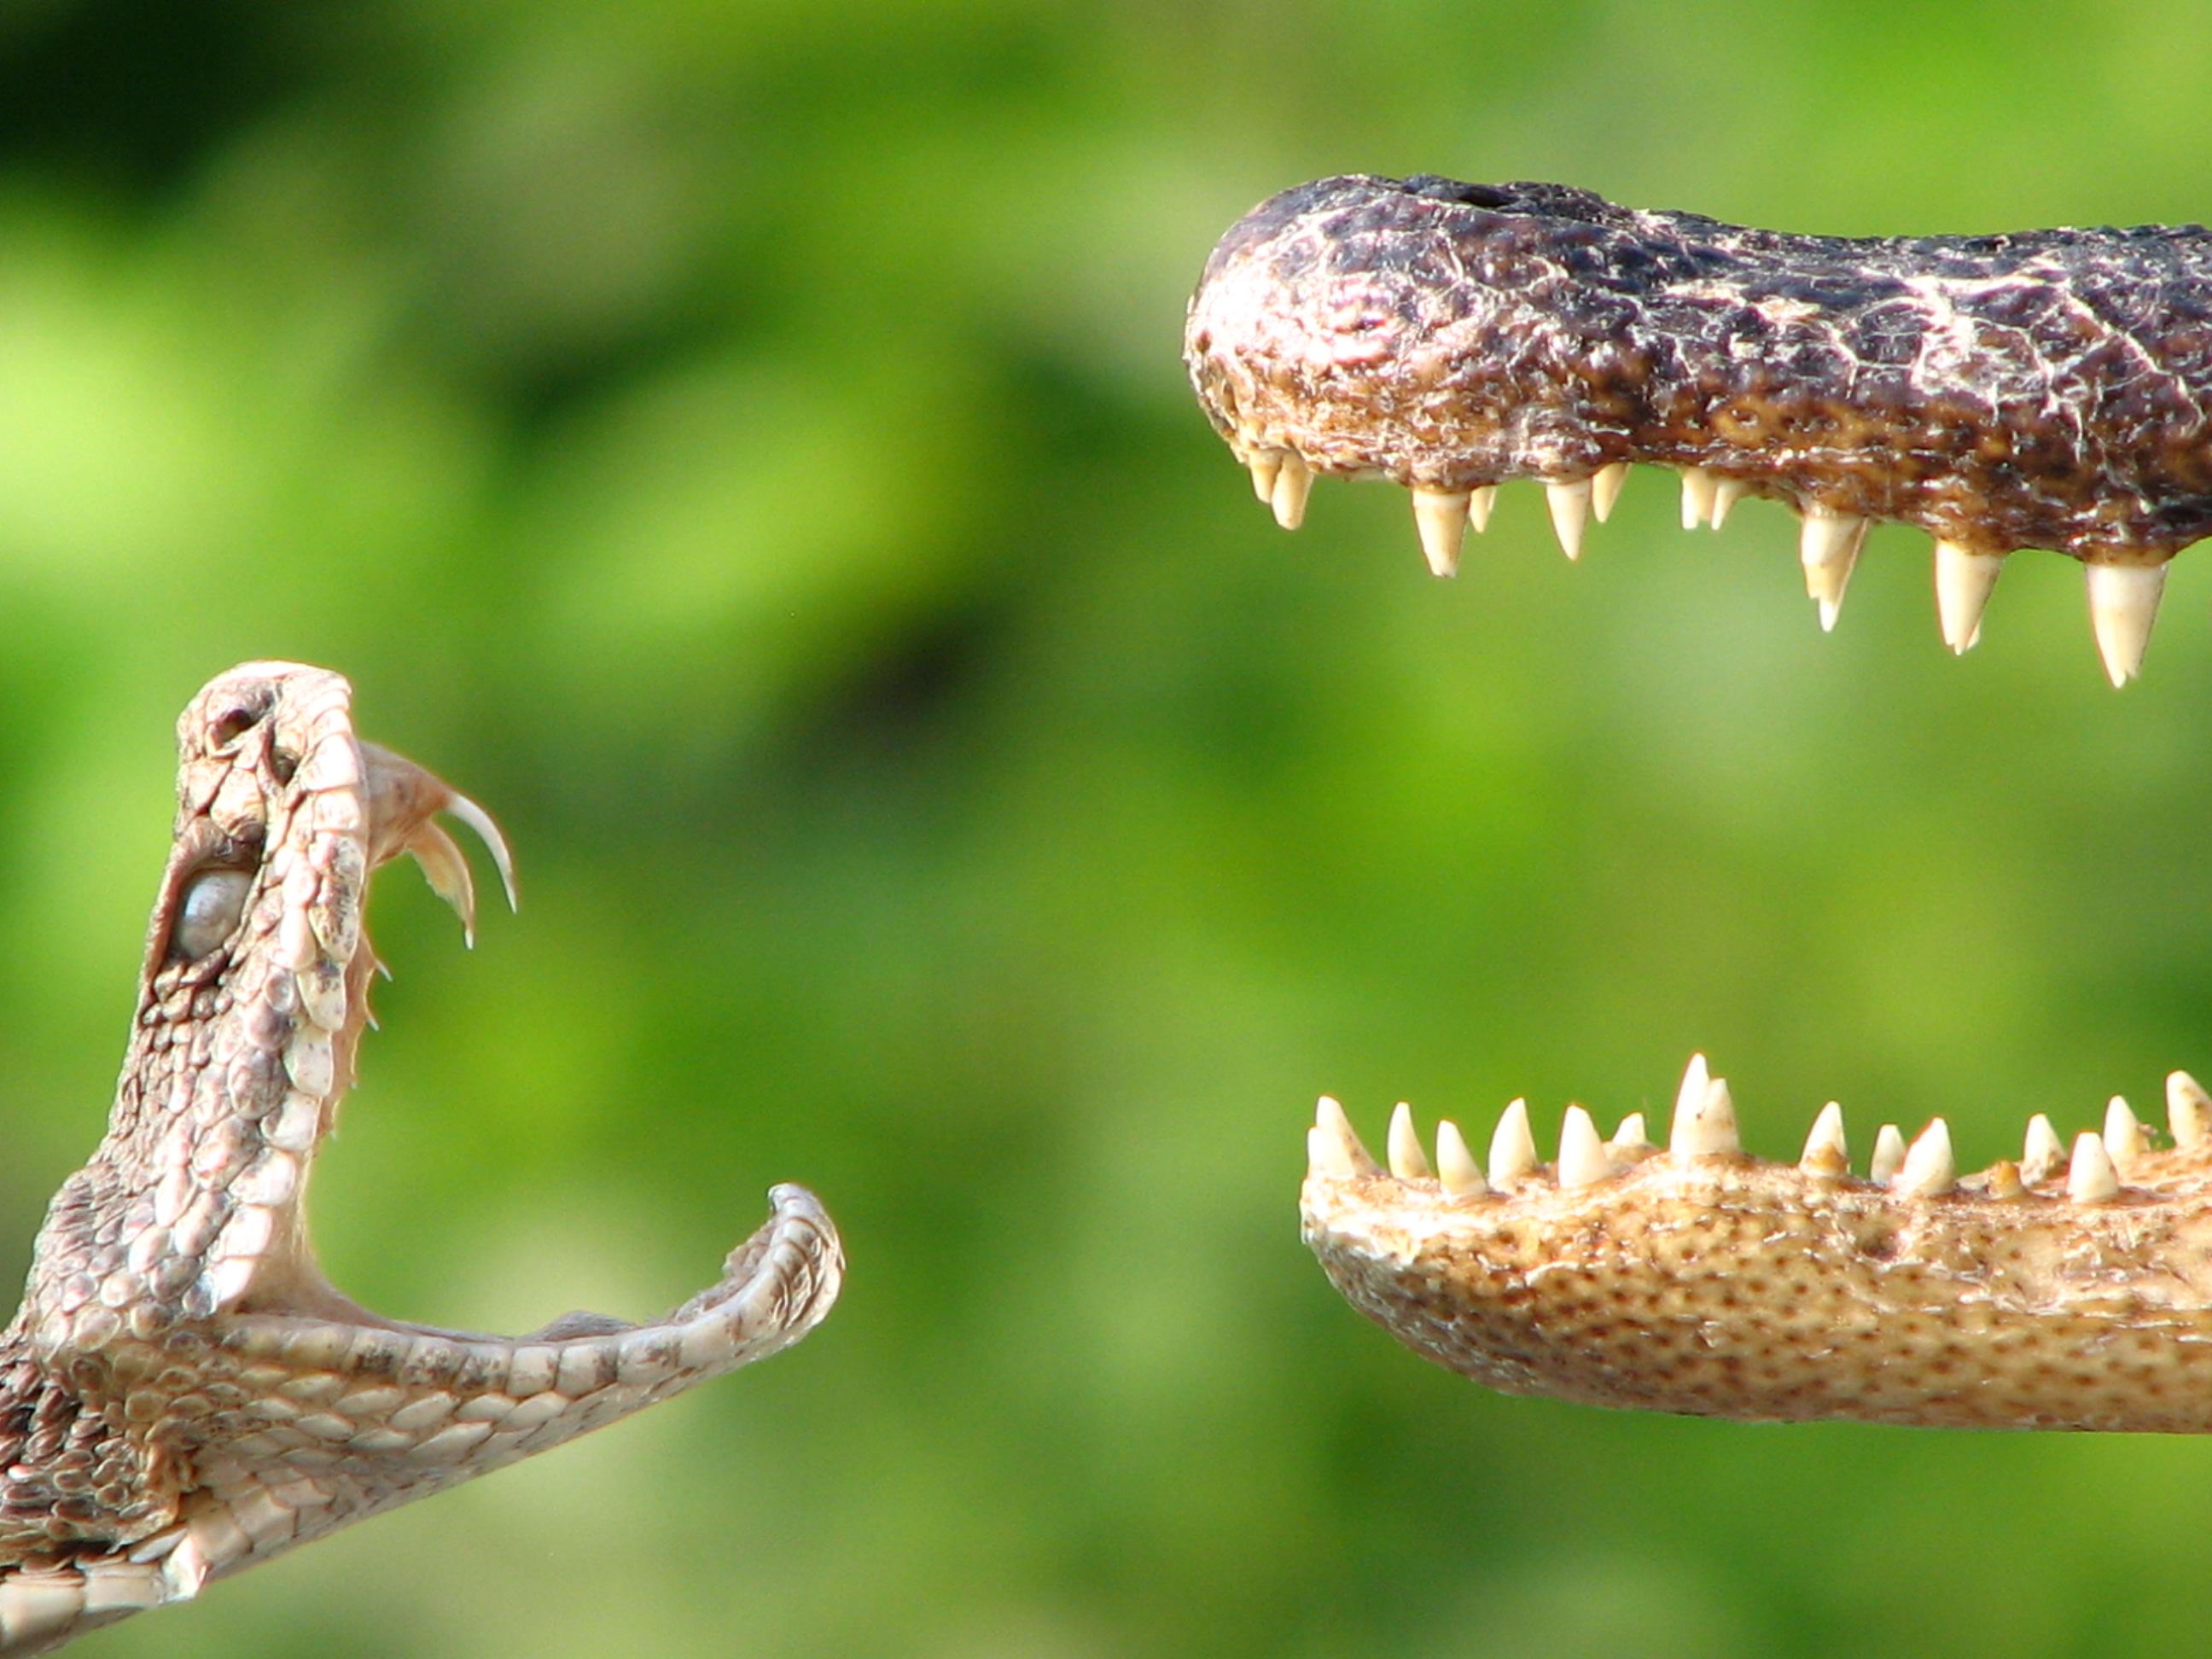 соленого теста картинки змея с клыками выкладывает там